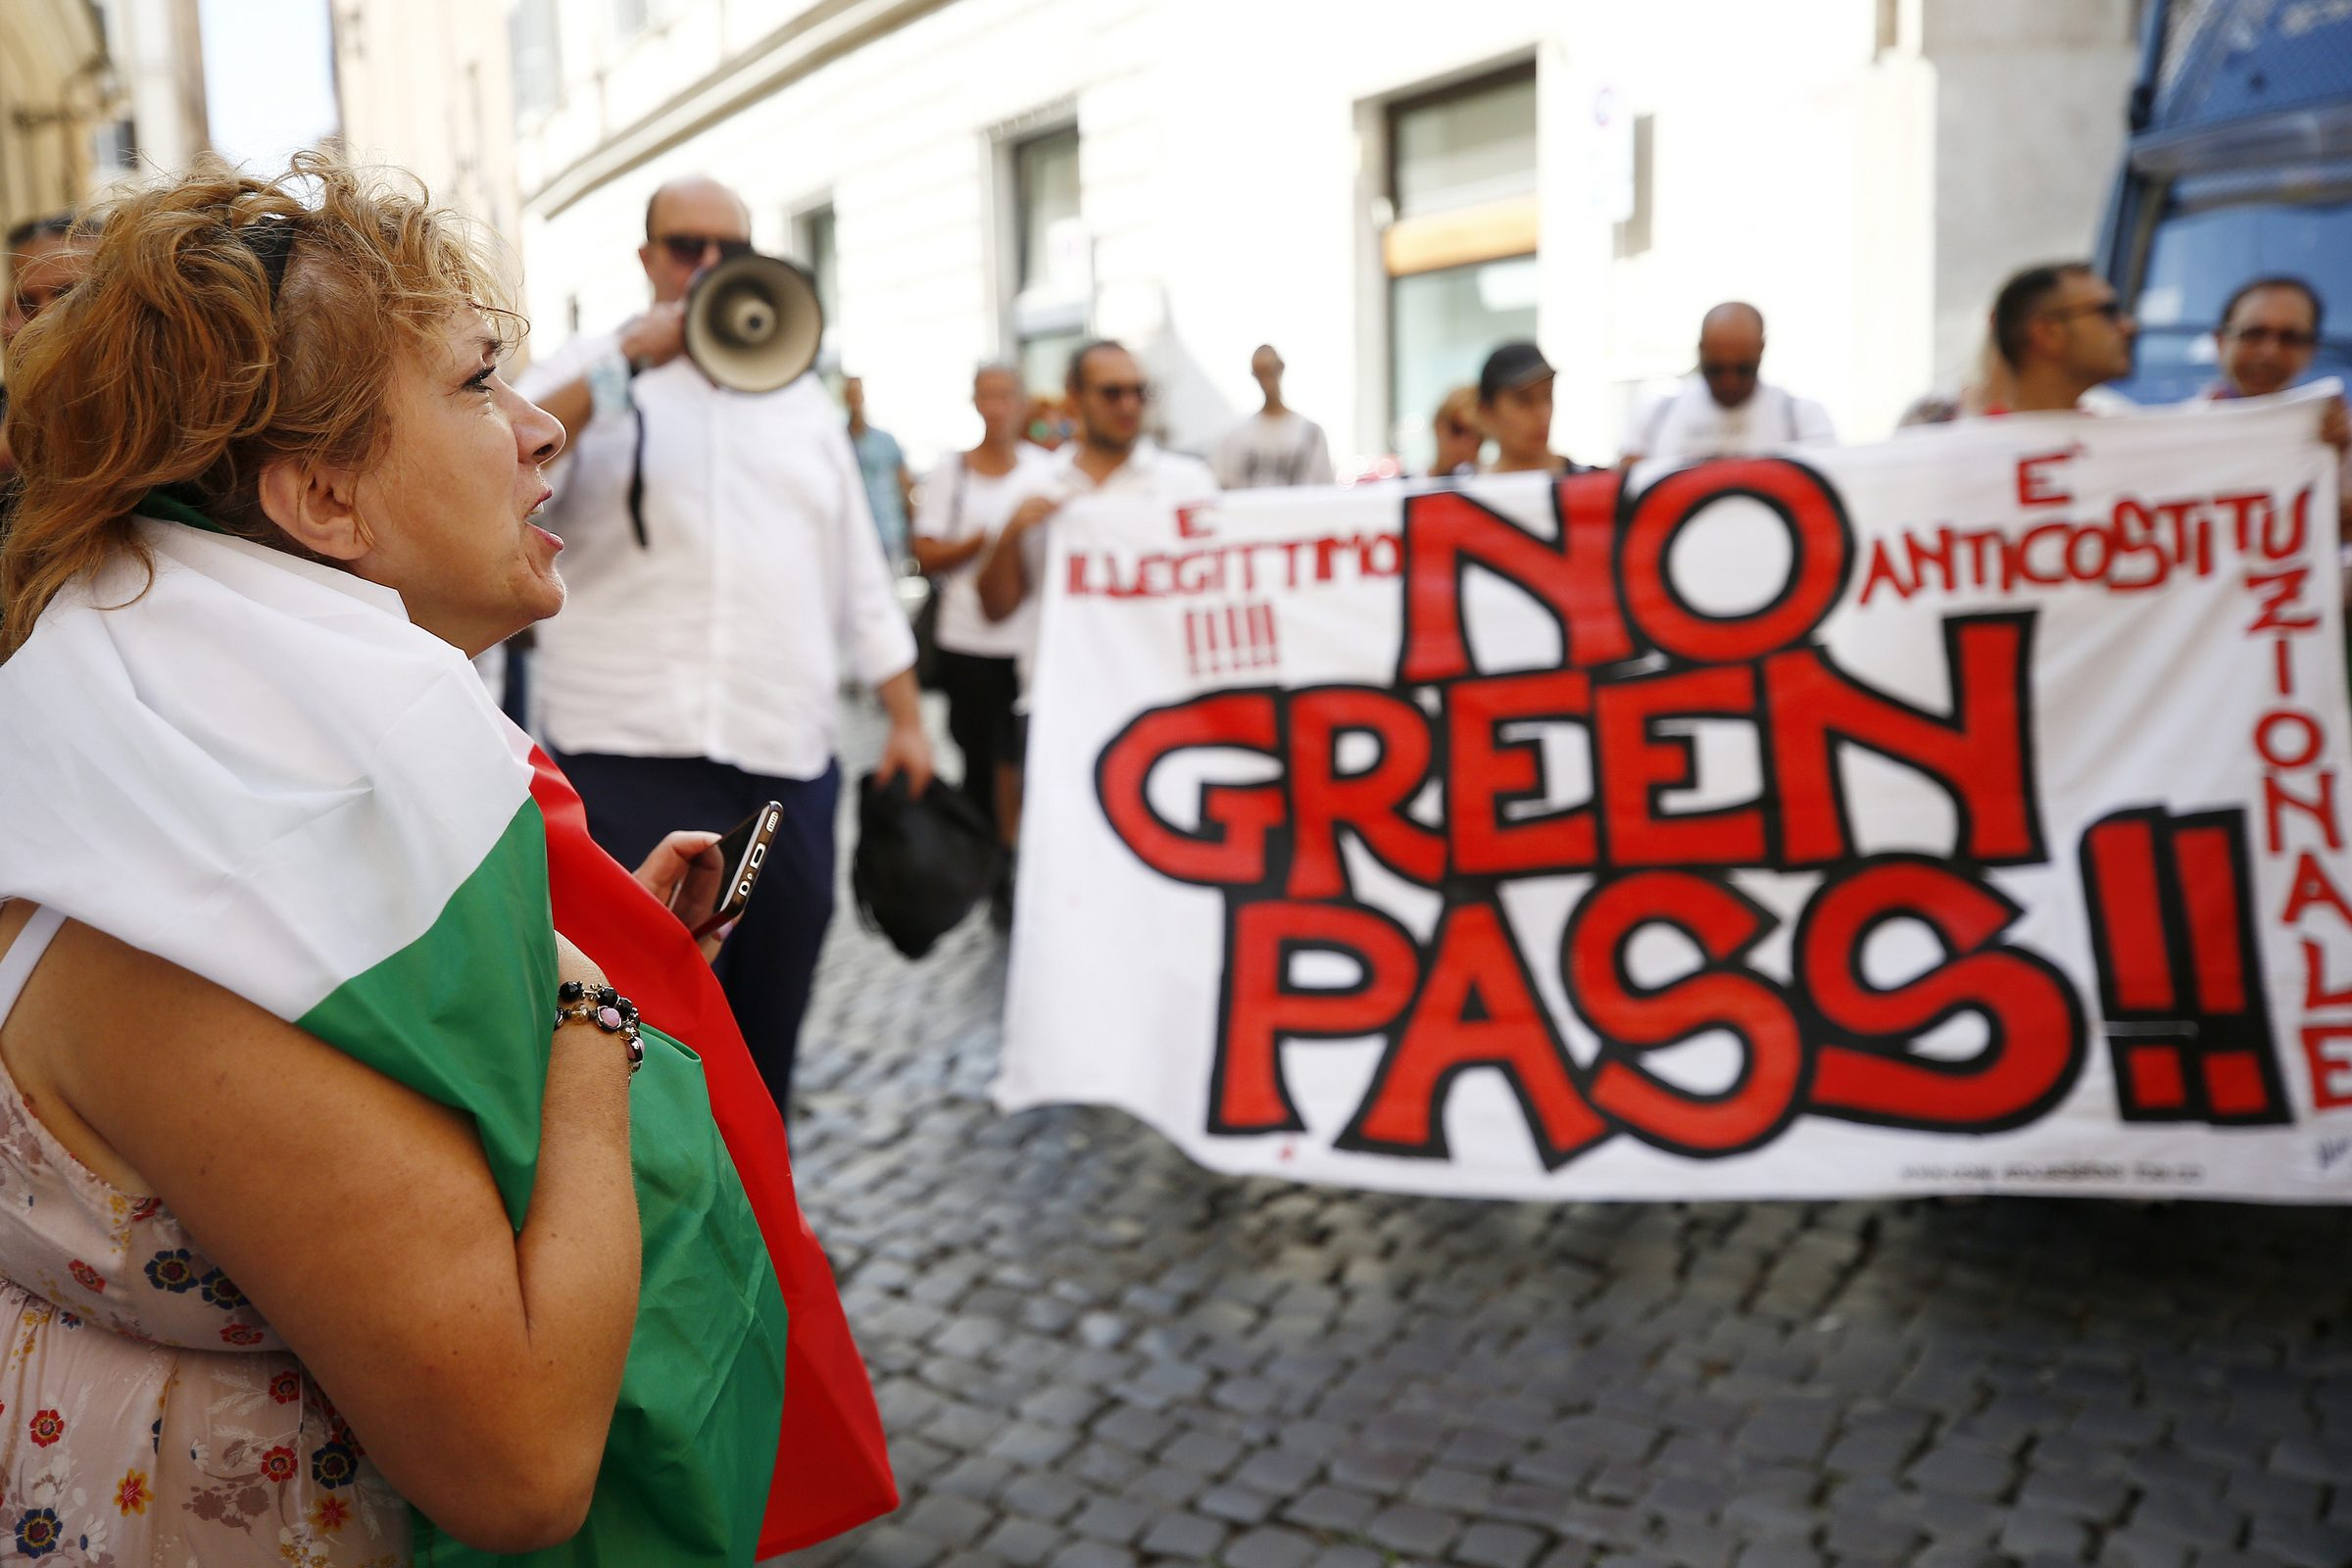 Green pass, Italia a rischio blocco: scioperi portuali e autotrasportatori, il Viminale teme scontri